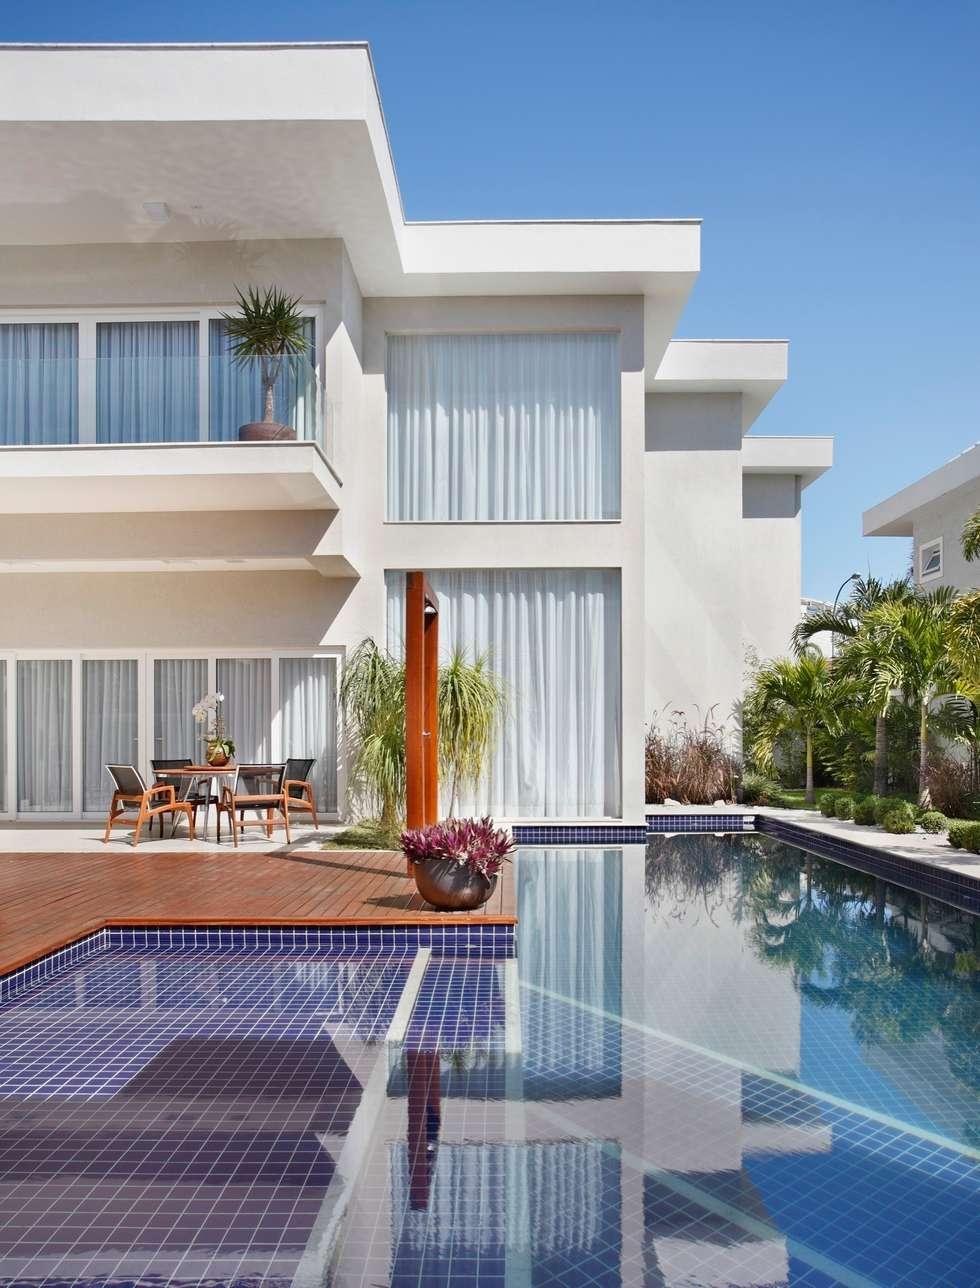 Residência Santa Monica Jardins VL: Casas modernas por ANGELA MEZA ARQUITETURA & INTERIORES